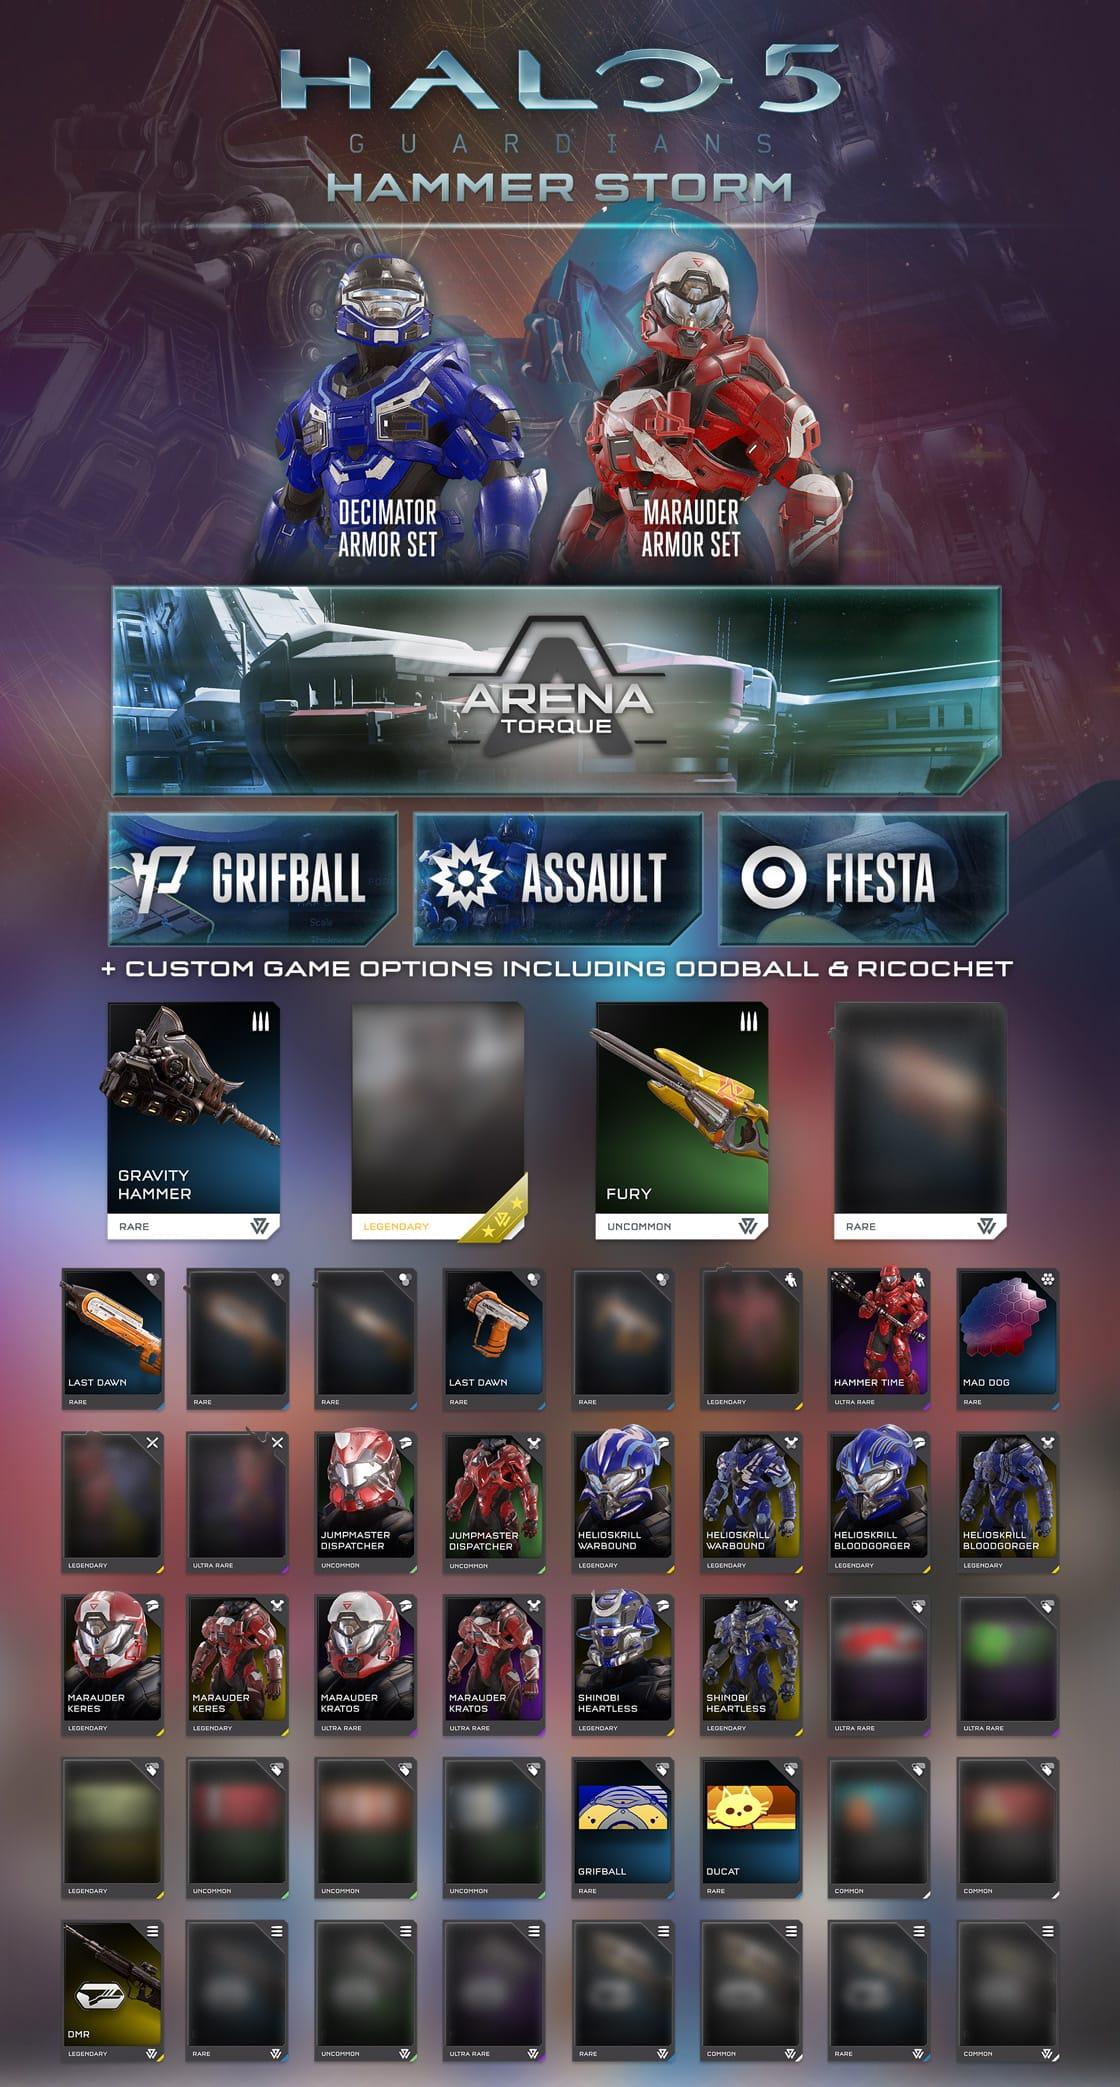 Halo 5 Hammer Storm Update REQ